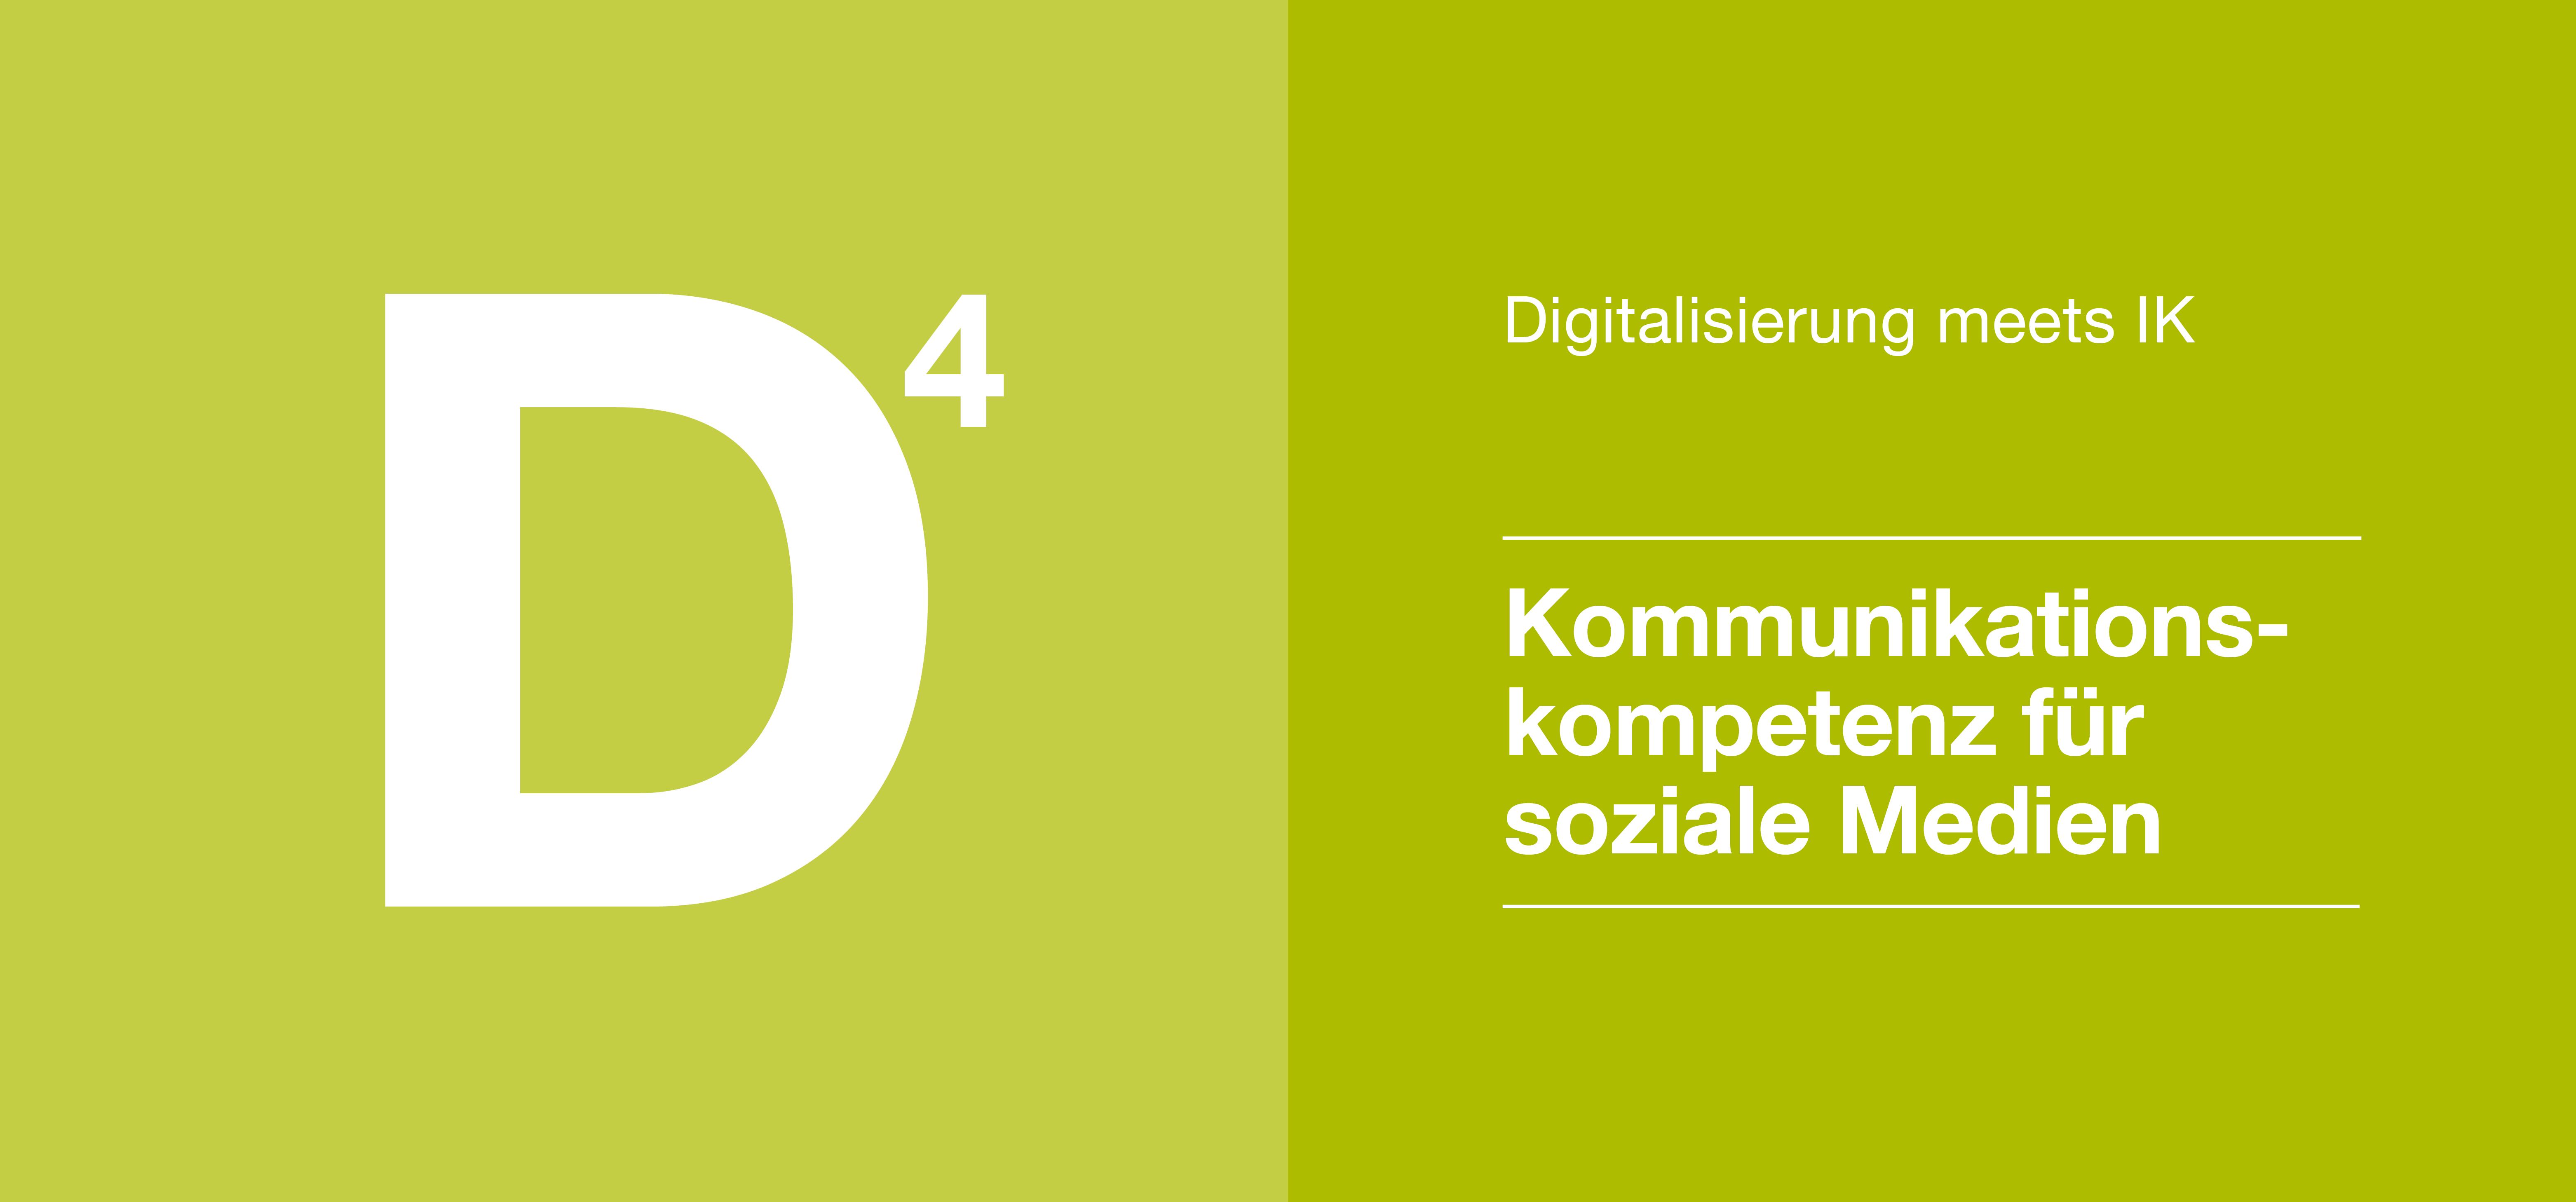 Digitalisierung 4 - Kommunikationskompetenz für soziale Medien